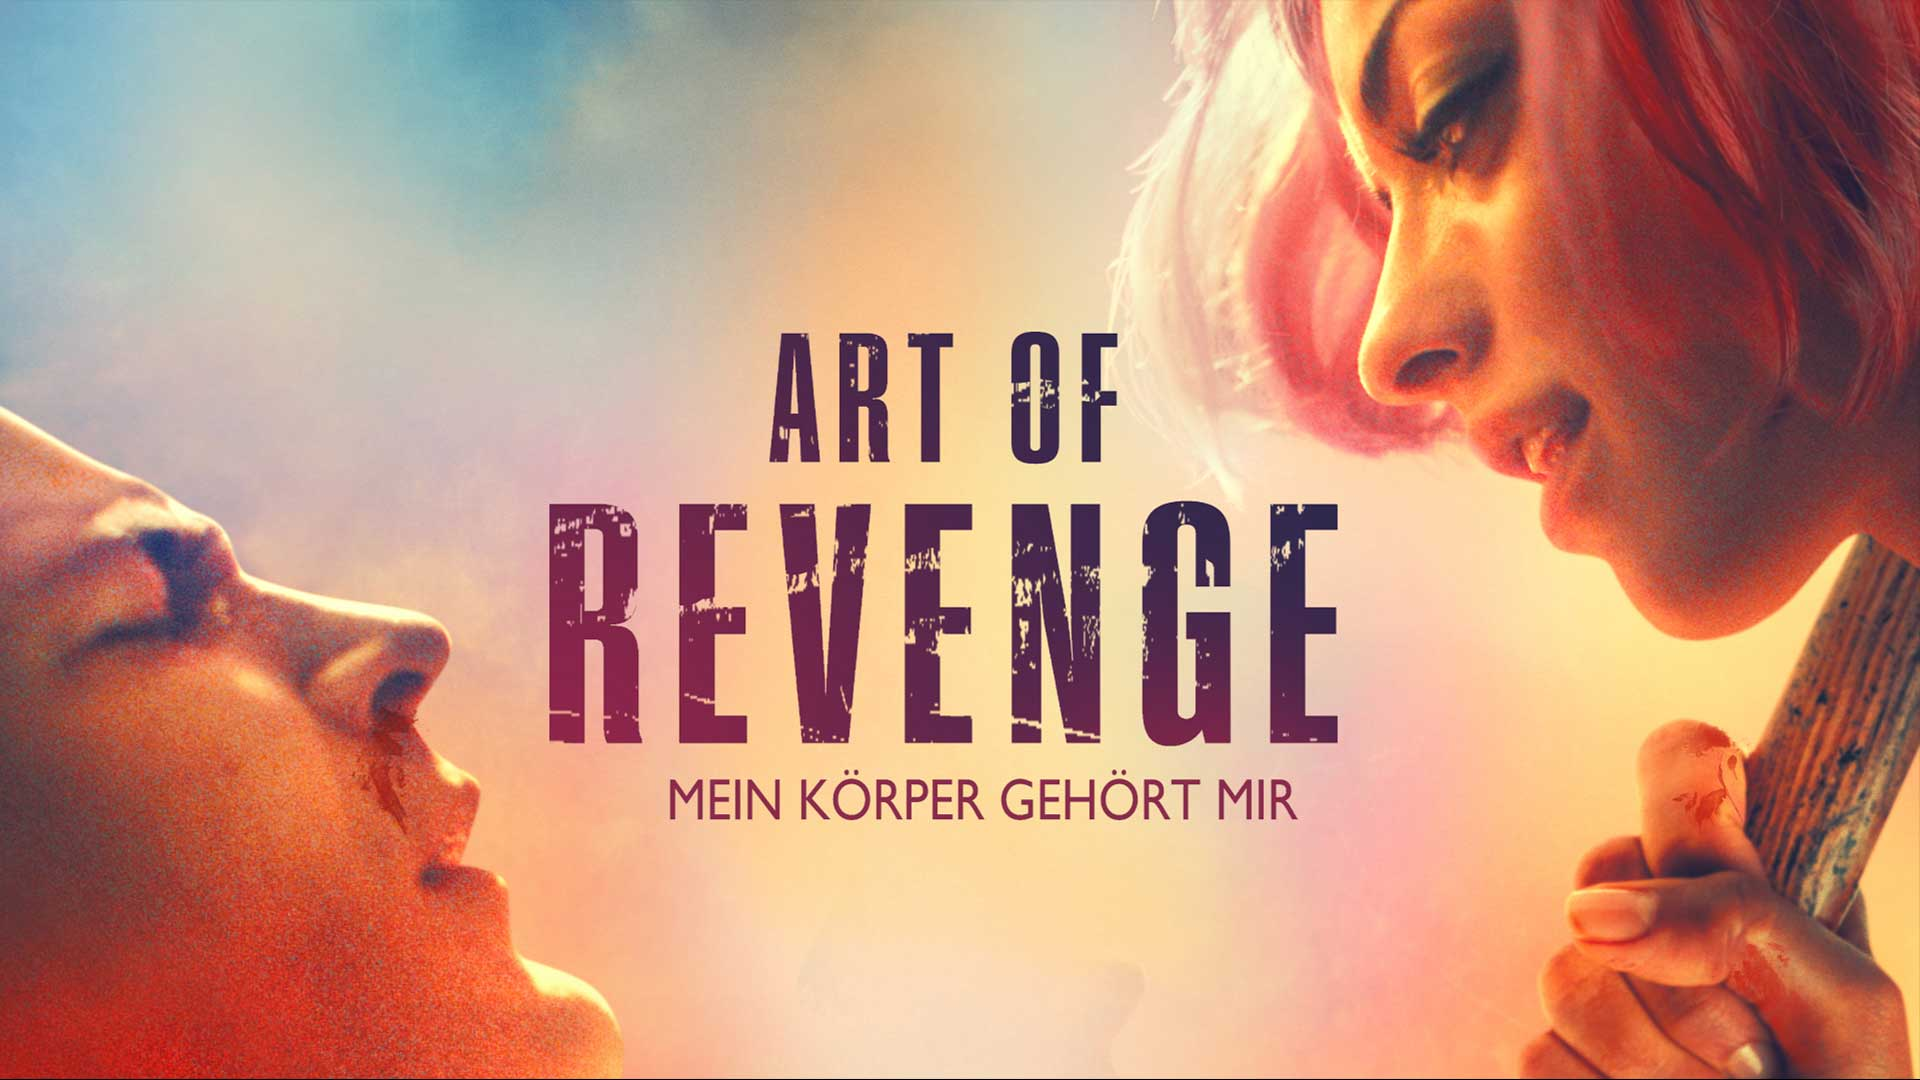 M.F.A. - Art of Revenge